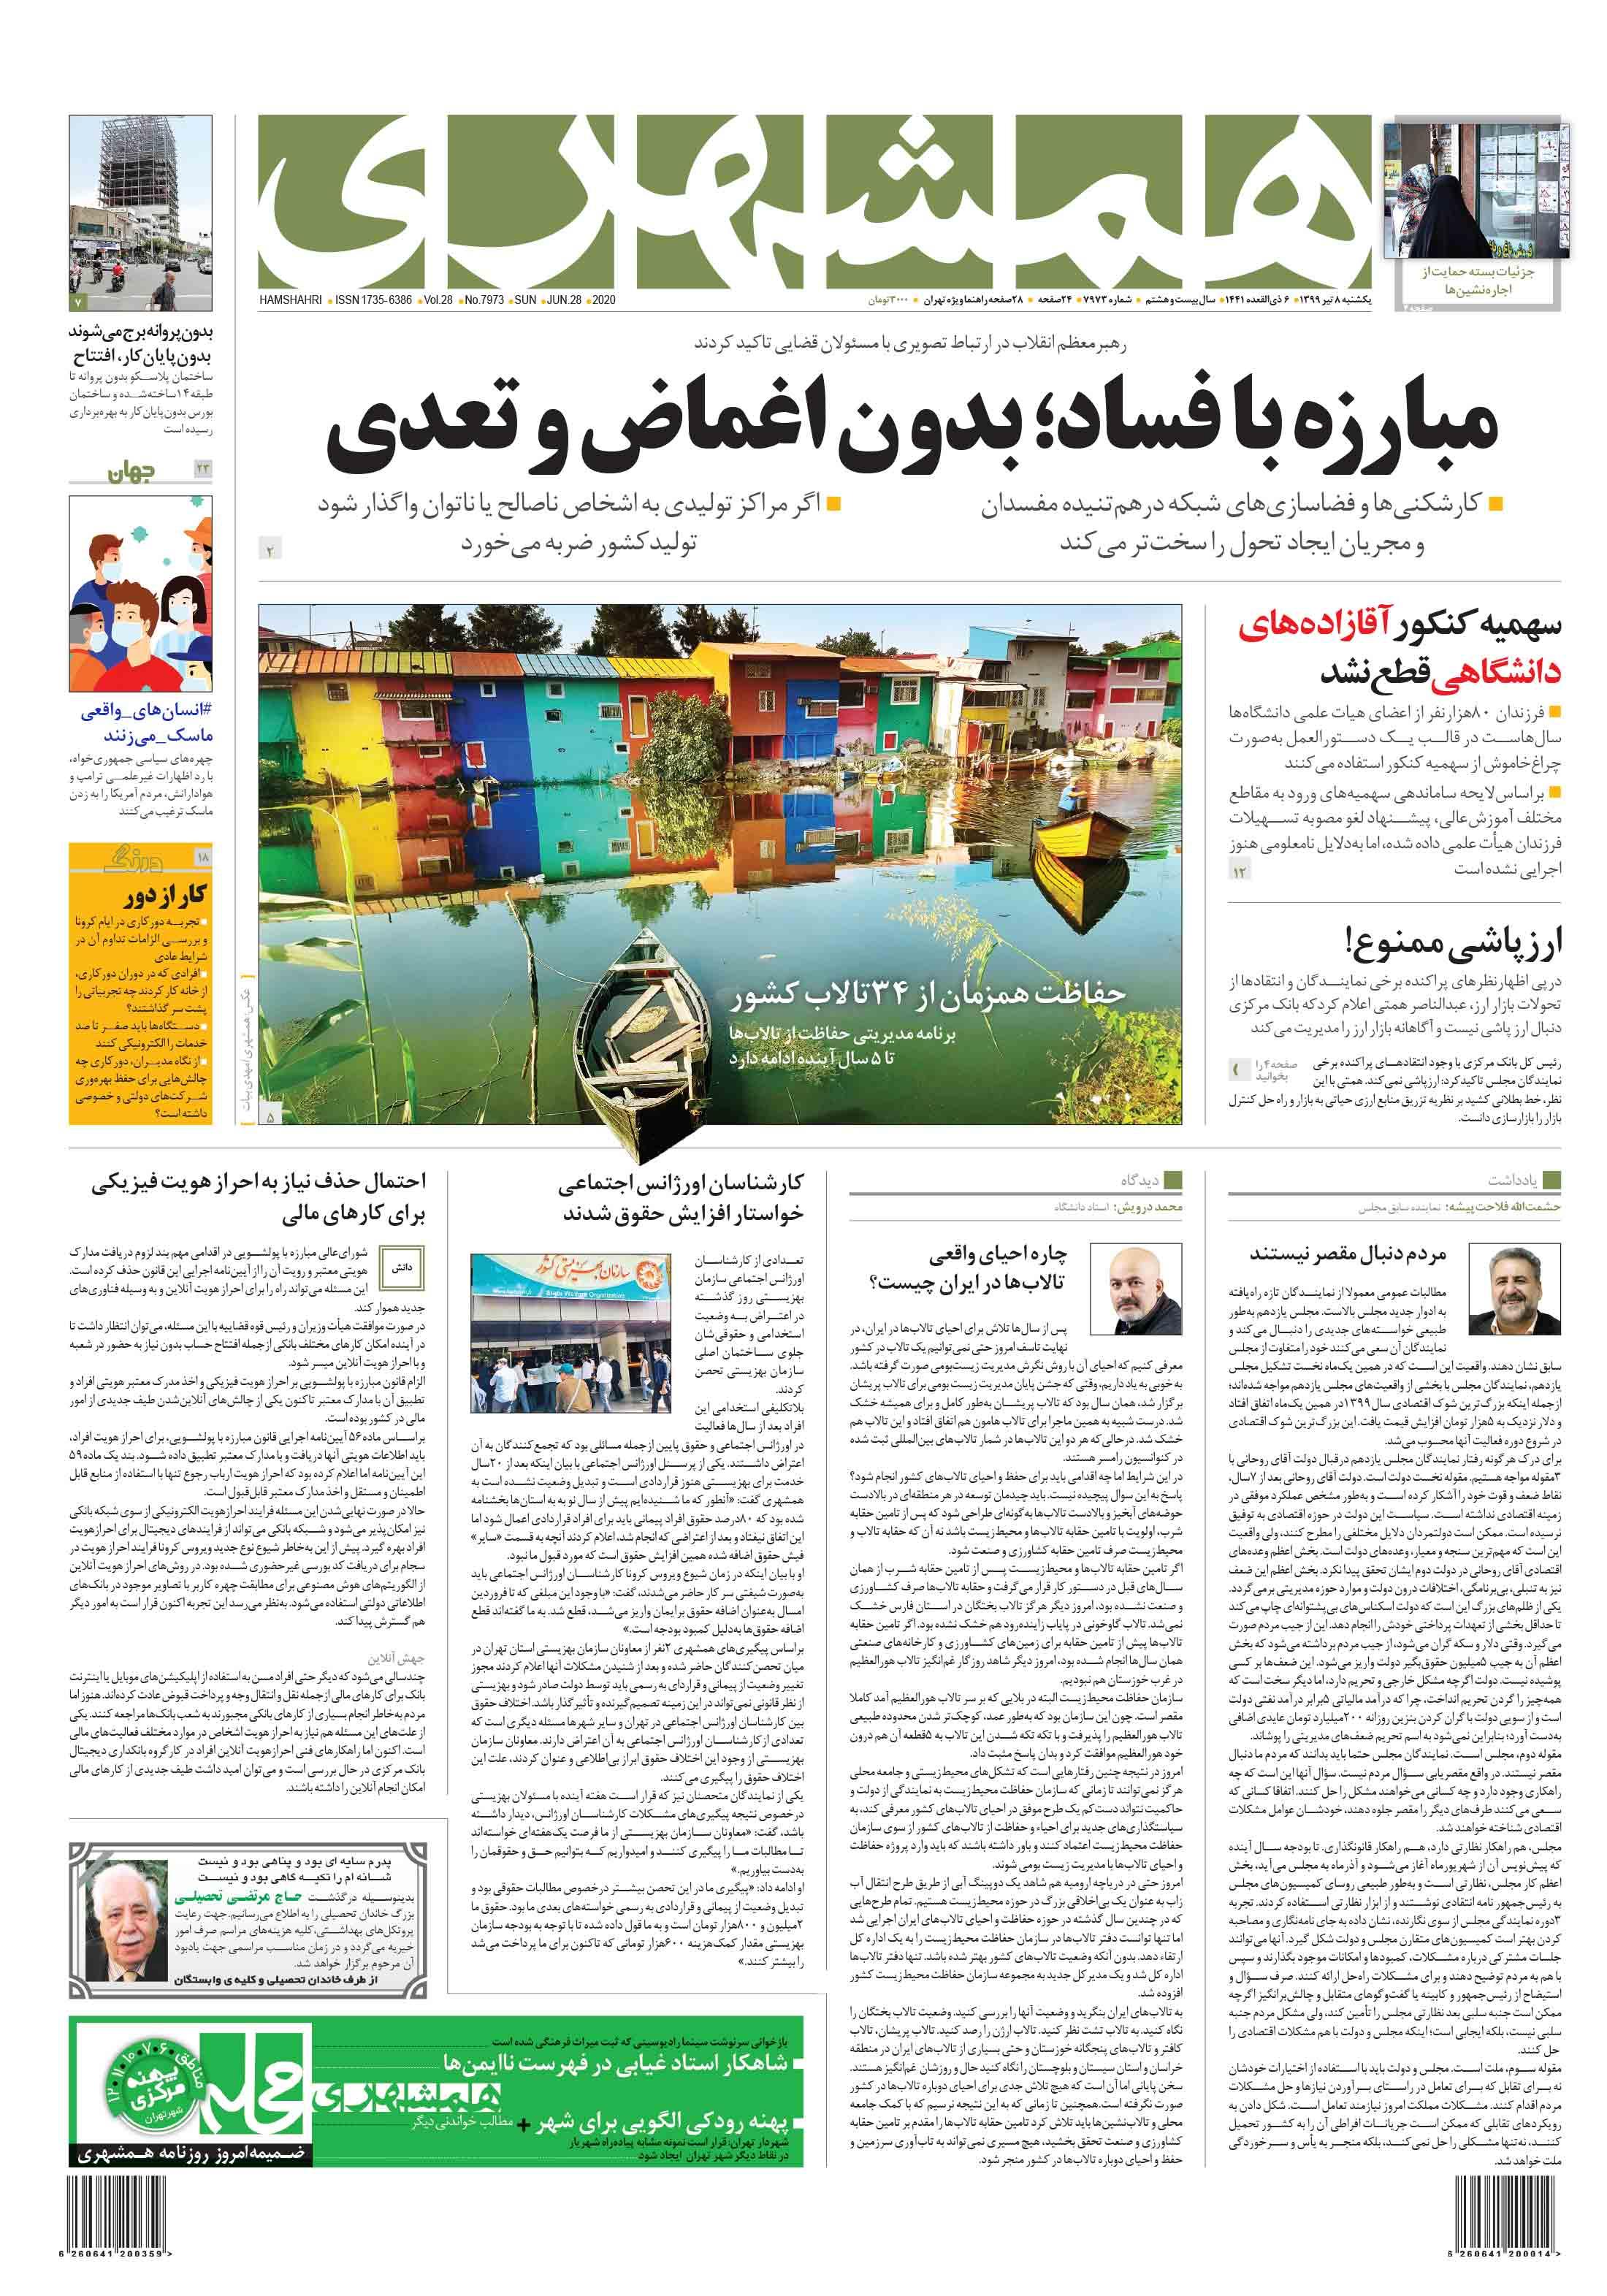 صفحه اول یکشنبه 8 تیر 1399